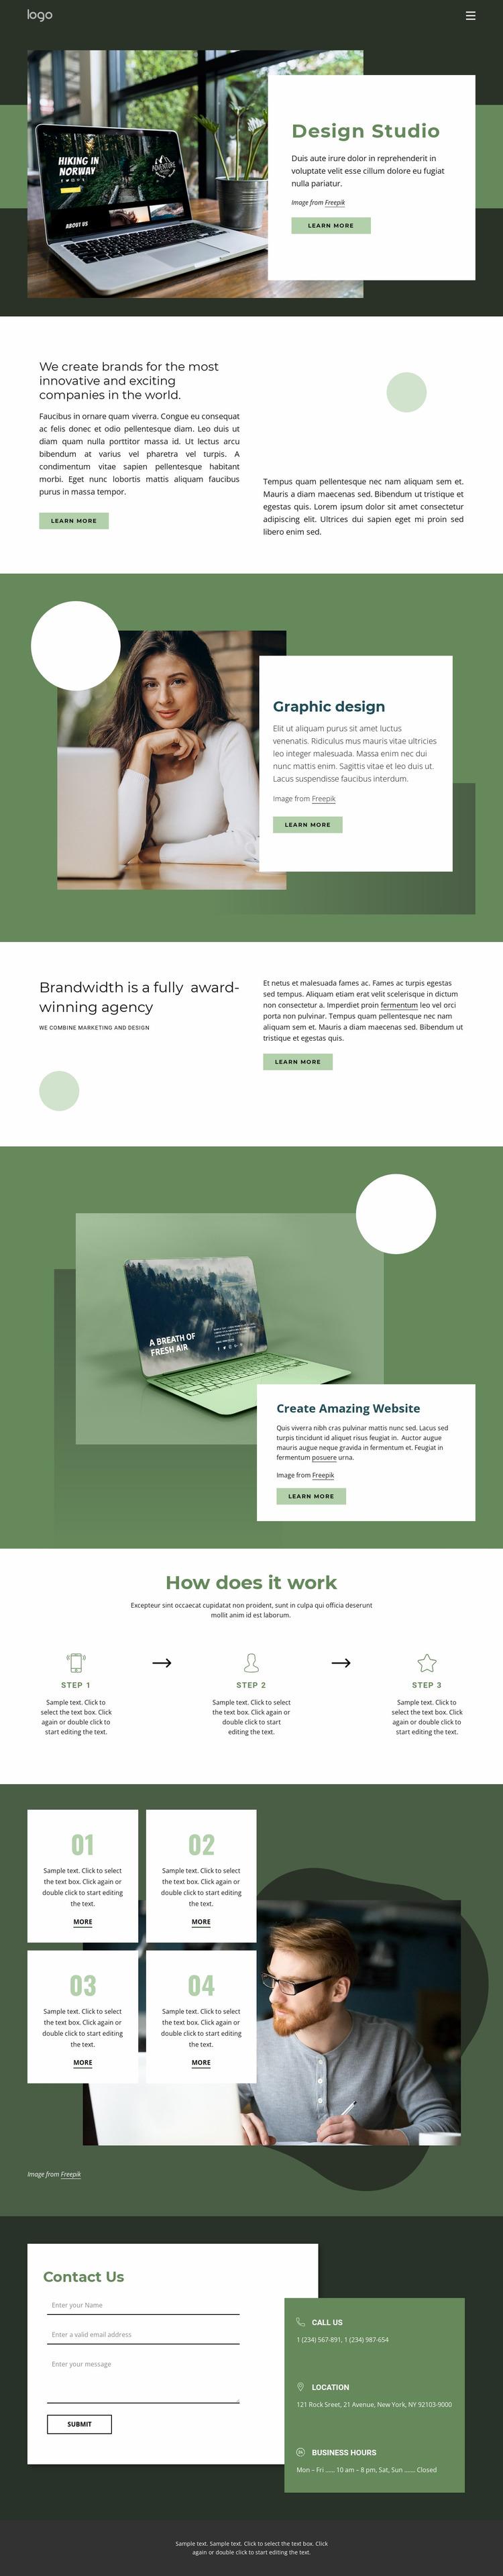 Design inspiration from nature Website Mockup